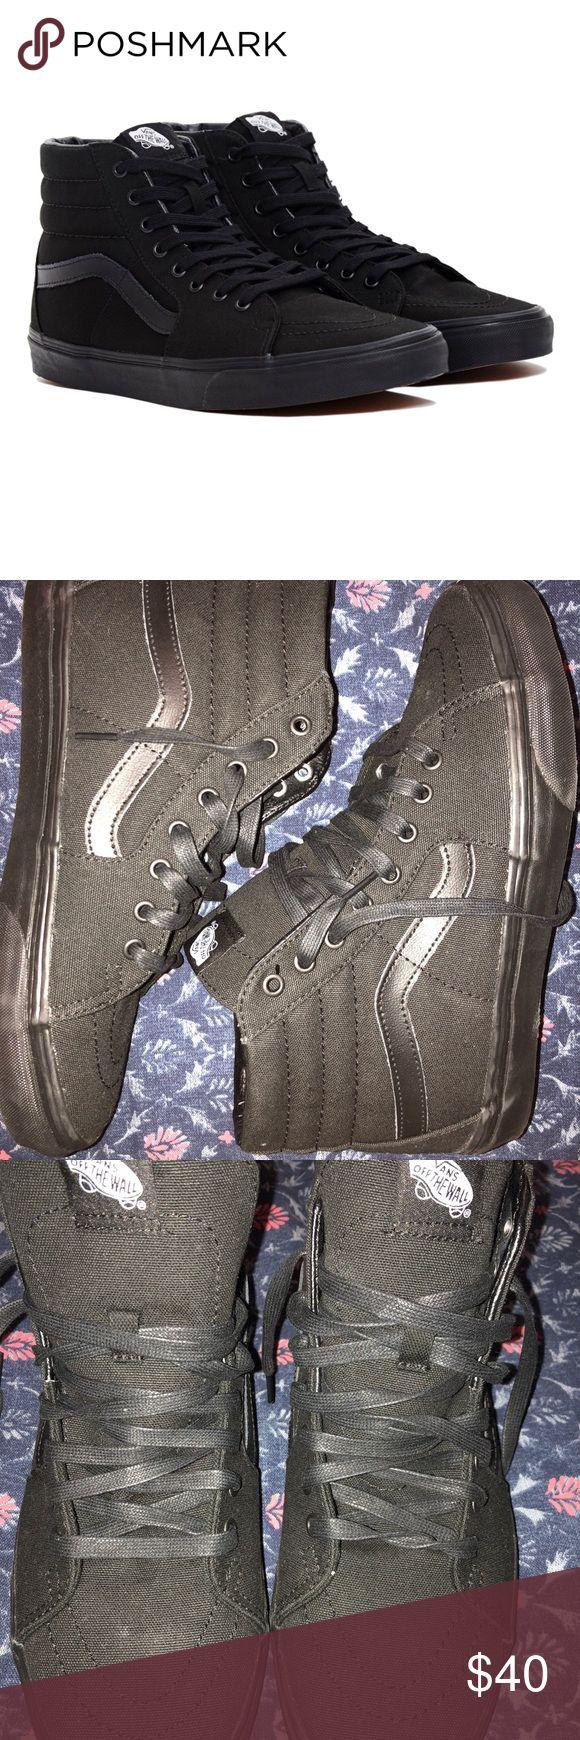 Vans high tops black men's 9.5 women's 11 New never worn vans Shoes Sneakers